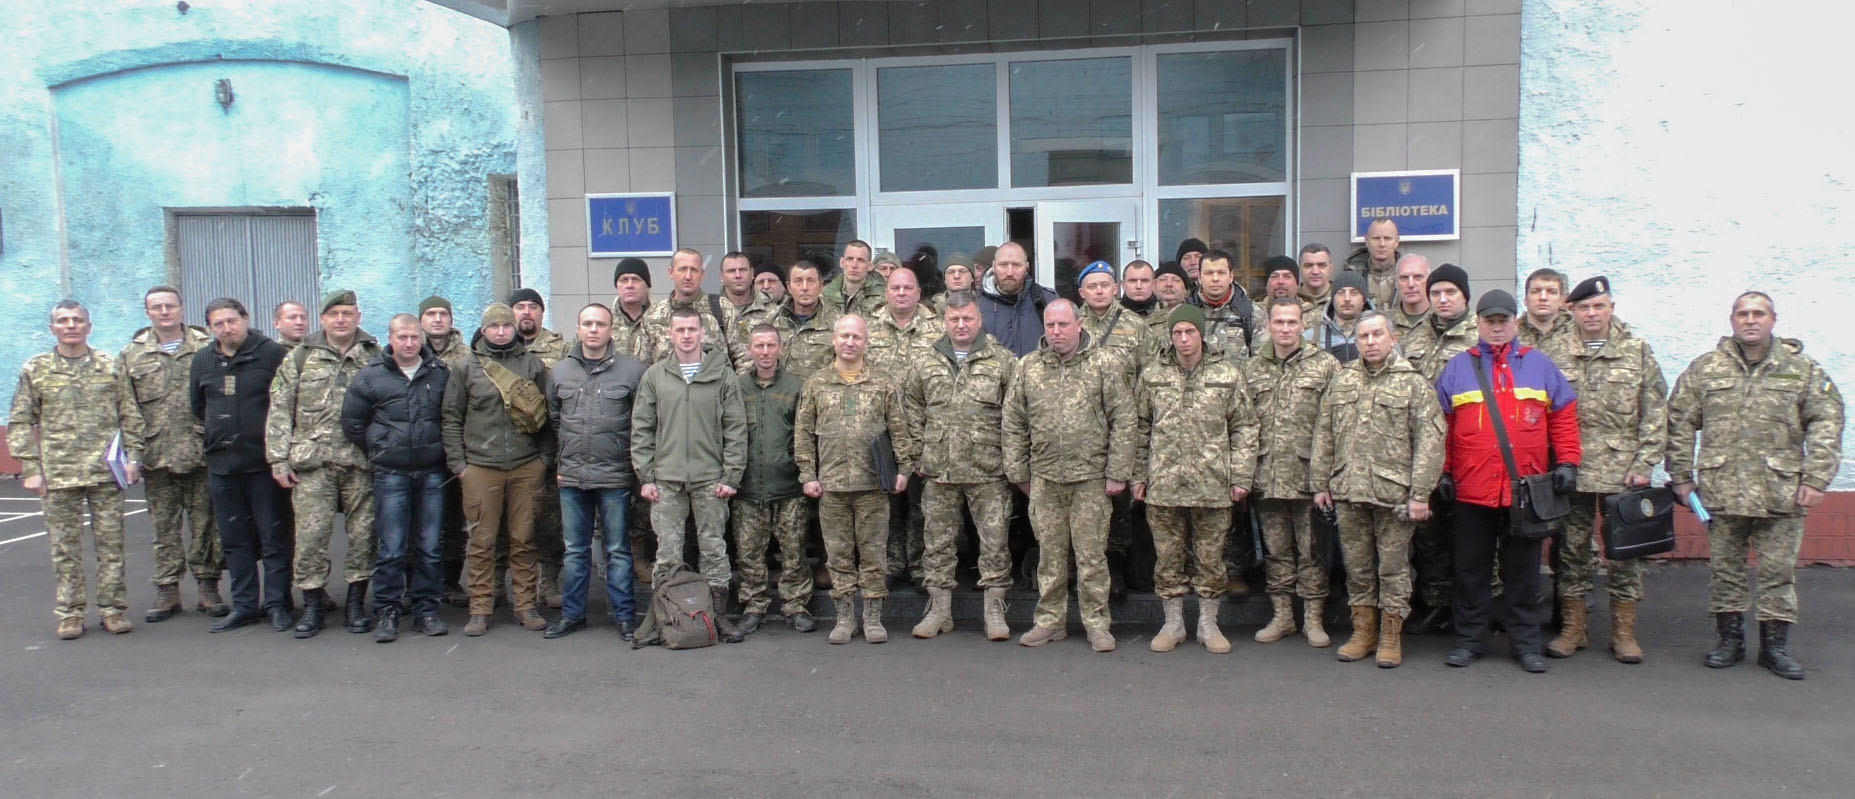 В Вооруженных Силах Украины проходят службу в оперативном резерве около 140 тысяч резервистов